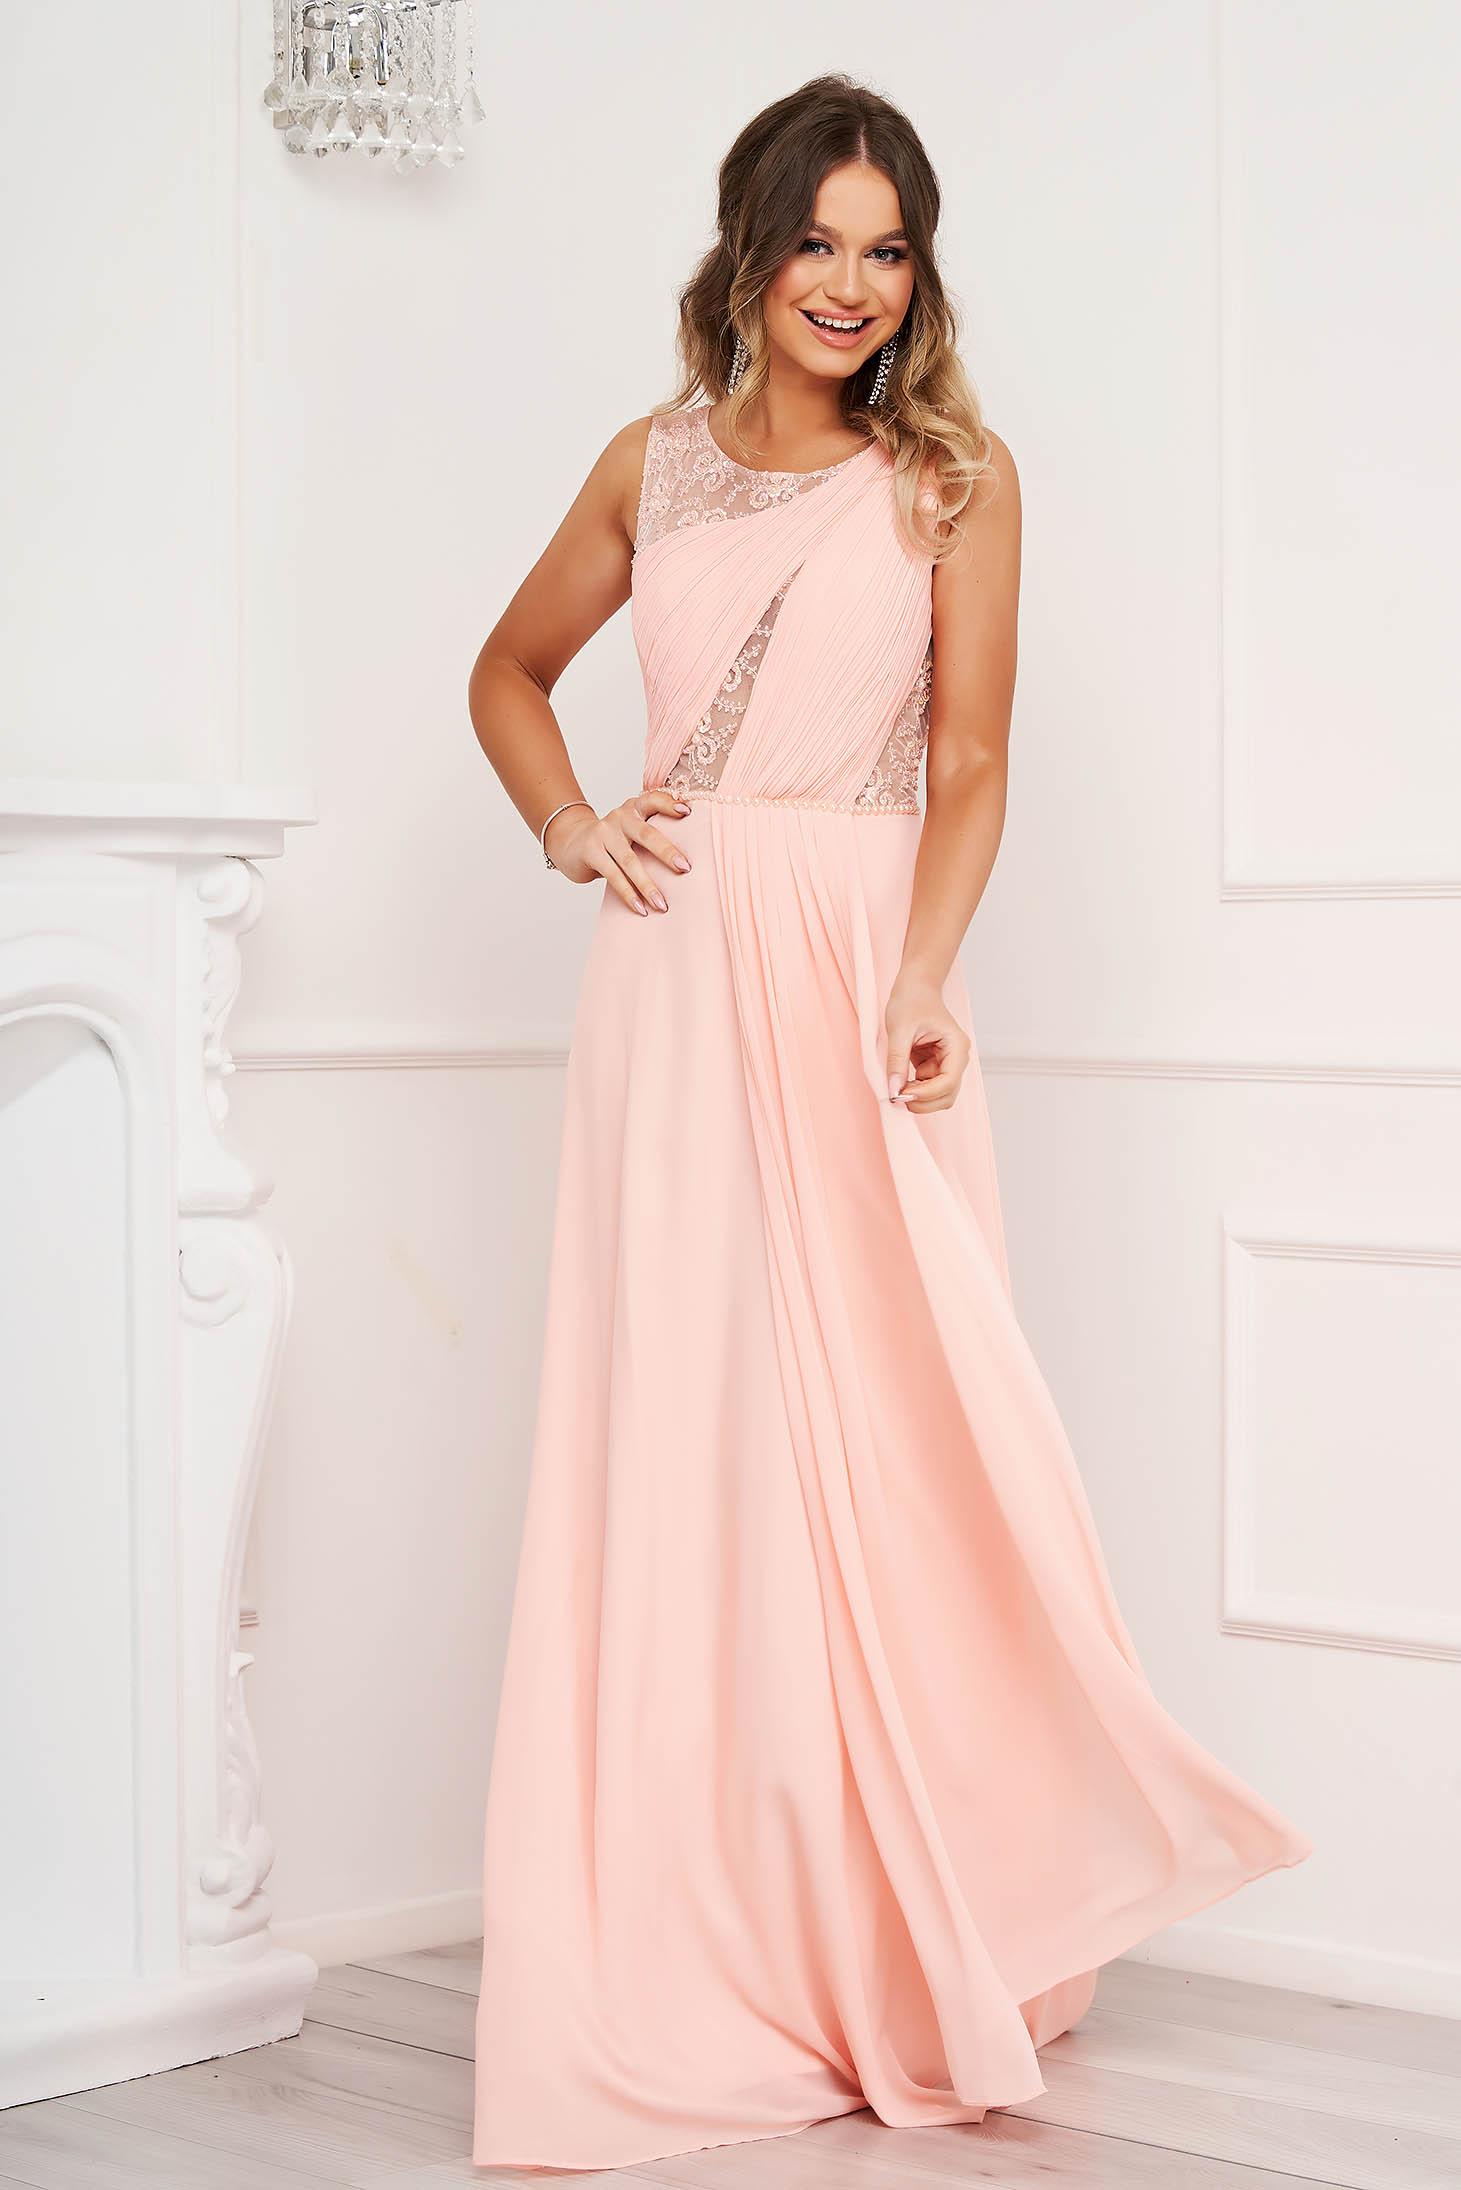 Rochie roz de ocazie din voal in clos cu aplicatii cu margele si broderie florala